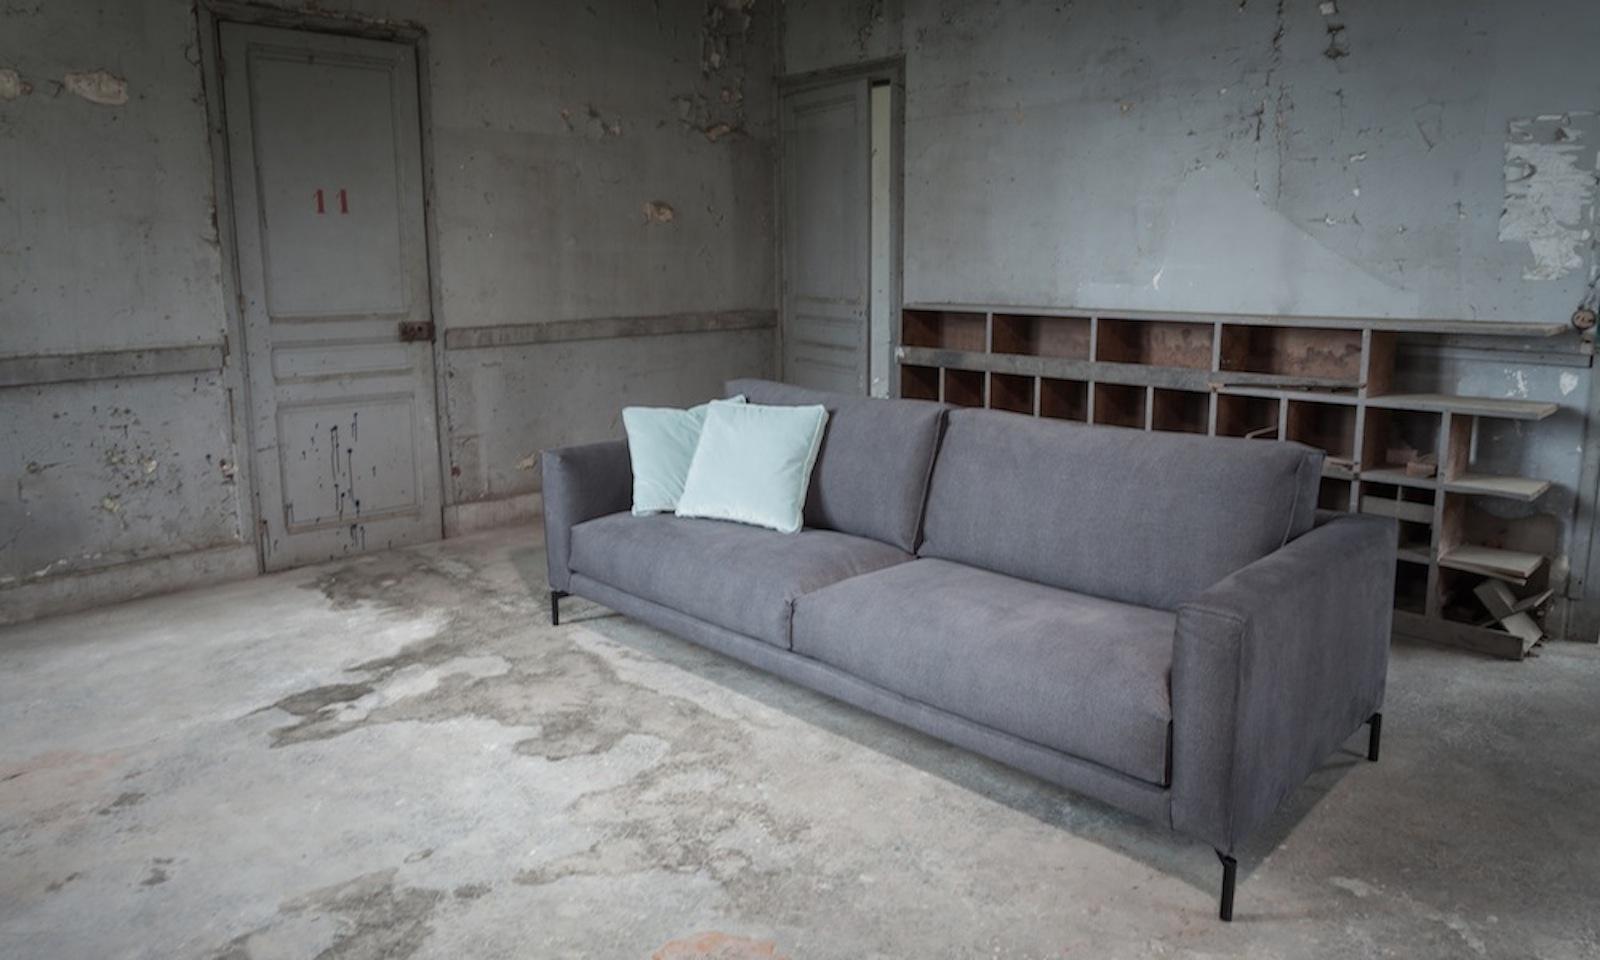 meubles de salon design petits prix magasin de meubles design lyon ameublement et. Black Bedroom Furniture Sets. Home Design Ideas